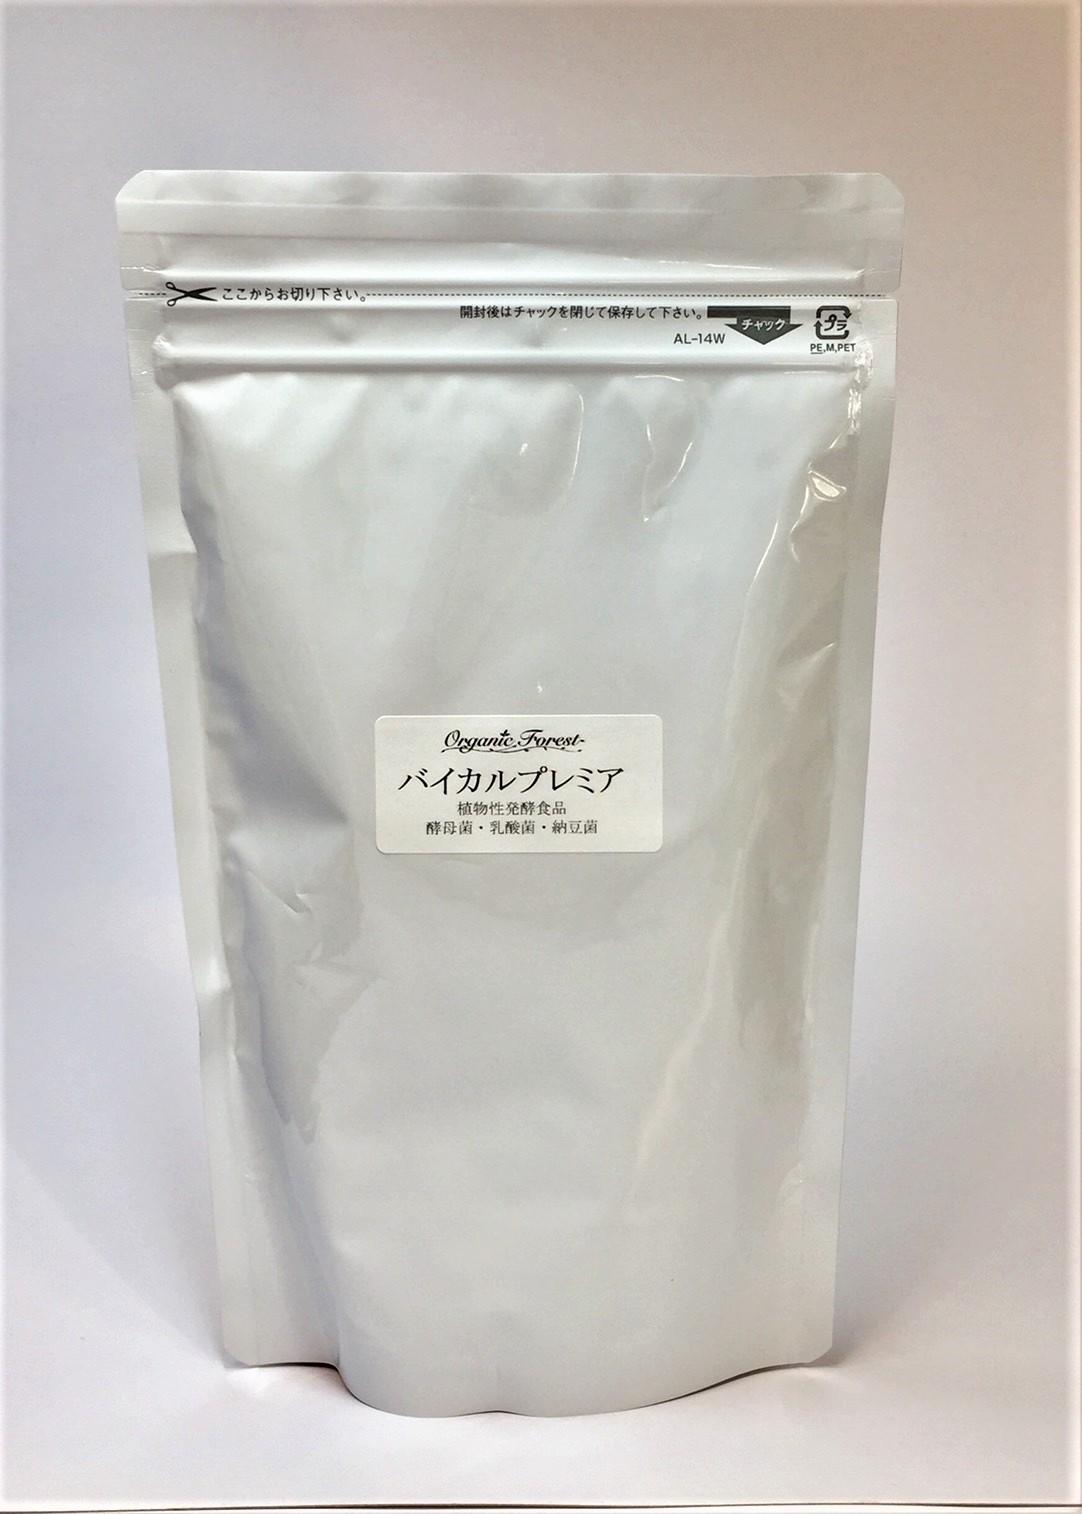 植物性発酵食品「バイカル プレミア」230g【郵送無料】